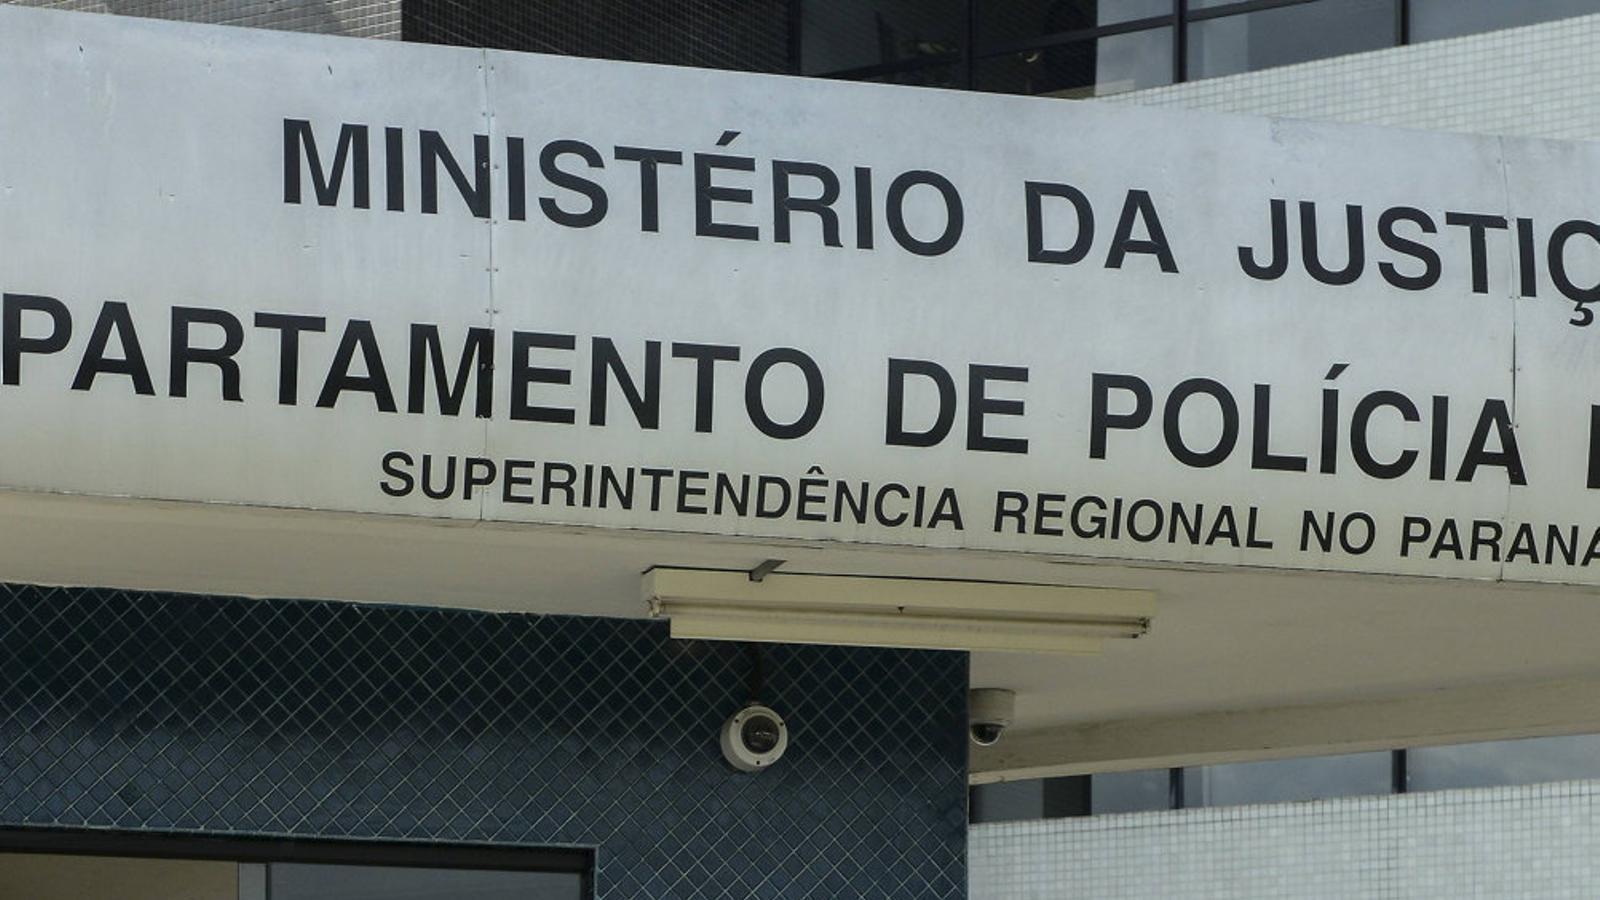 """Leandro Boff: """"Bolsonaro farà tants errors que els militars el destituiran i assumiran el poder"""""""